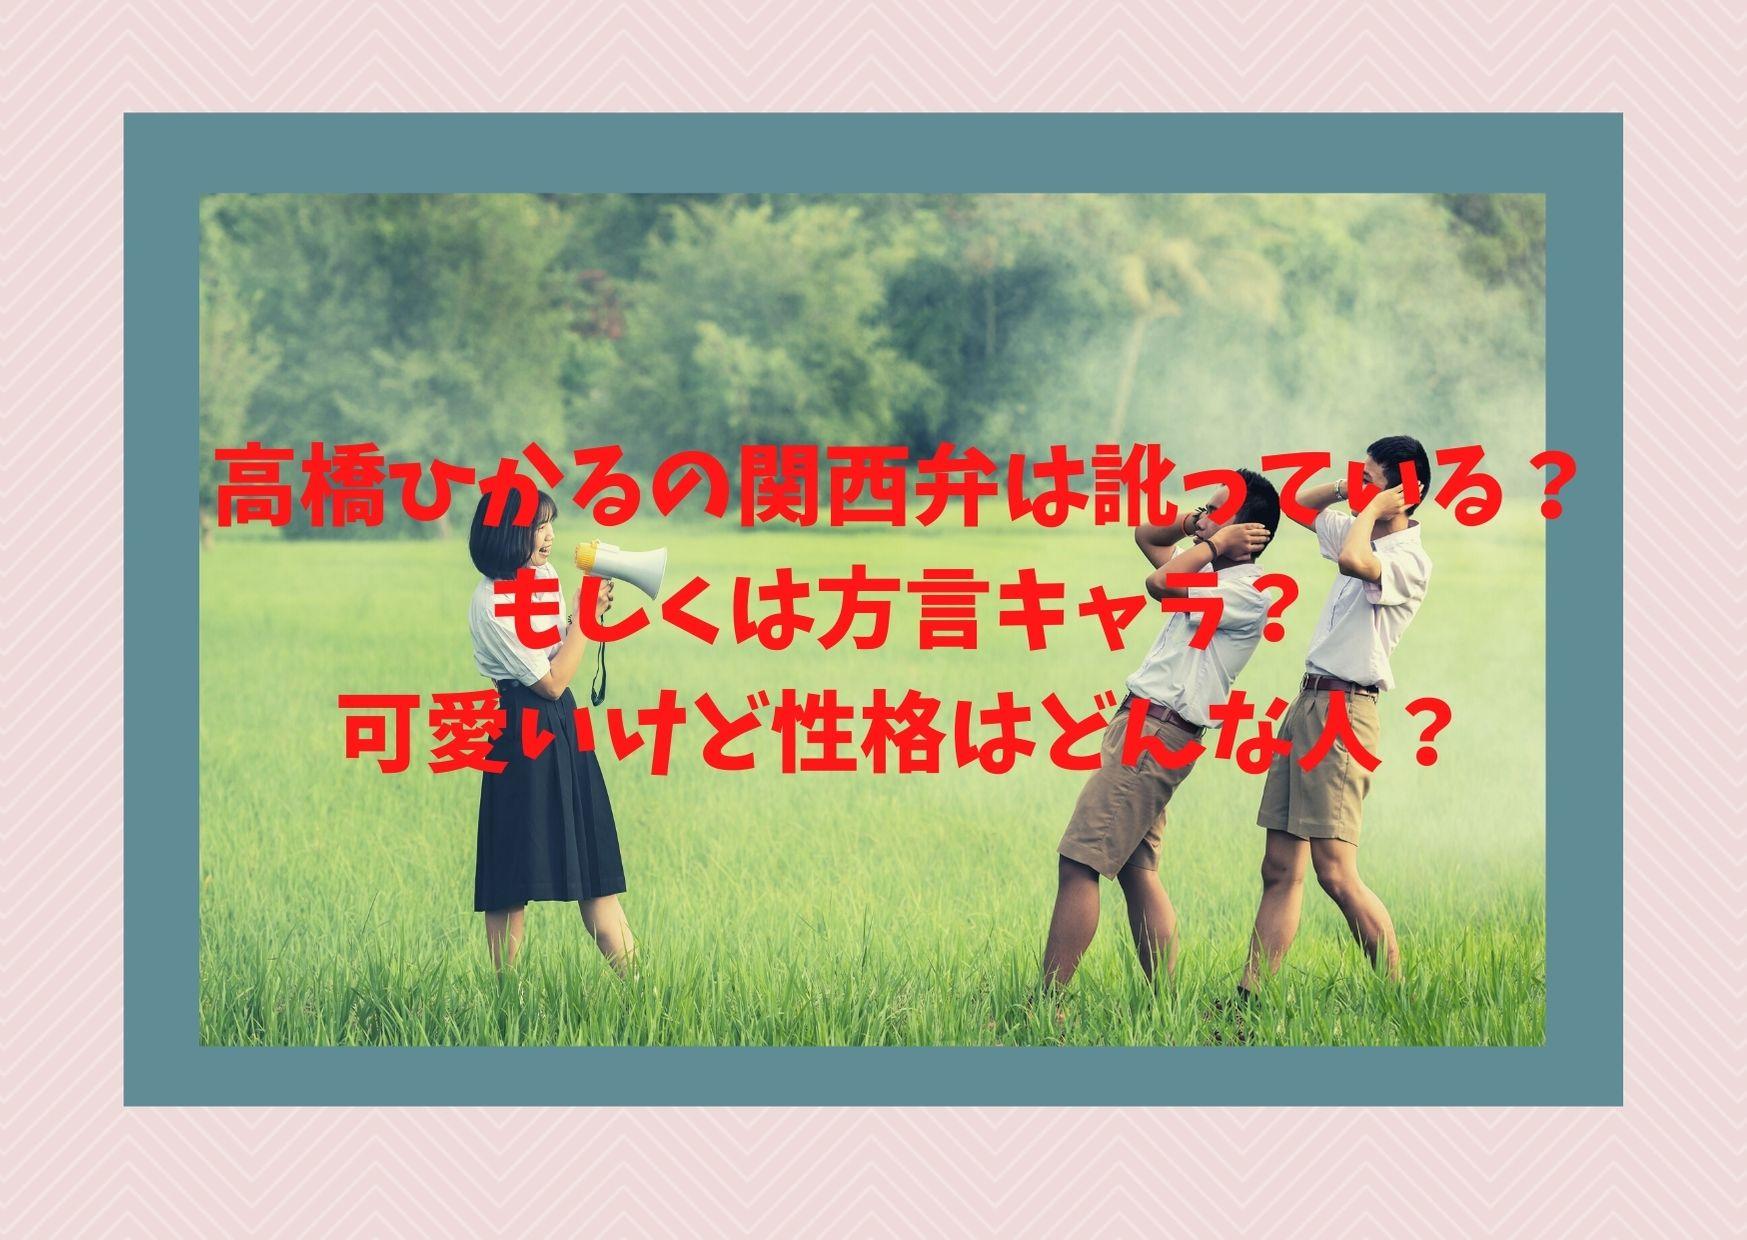 高橋ひかるの関西弁は訛っている?もしくは方言キャラ?可愛いけど性格はどんな人?